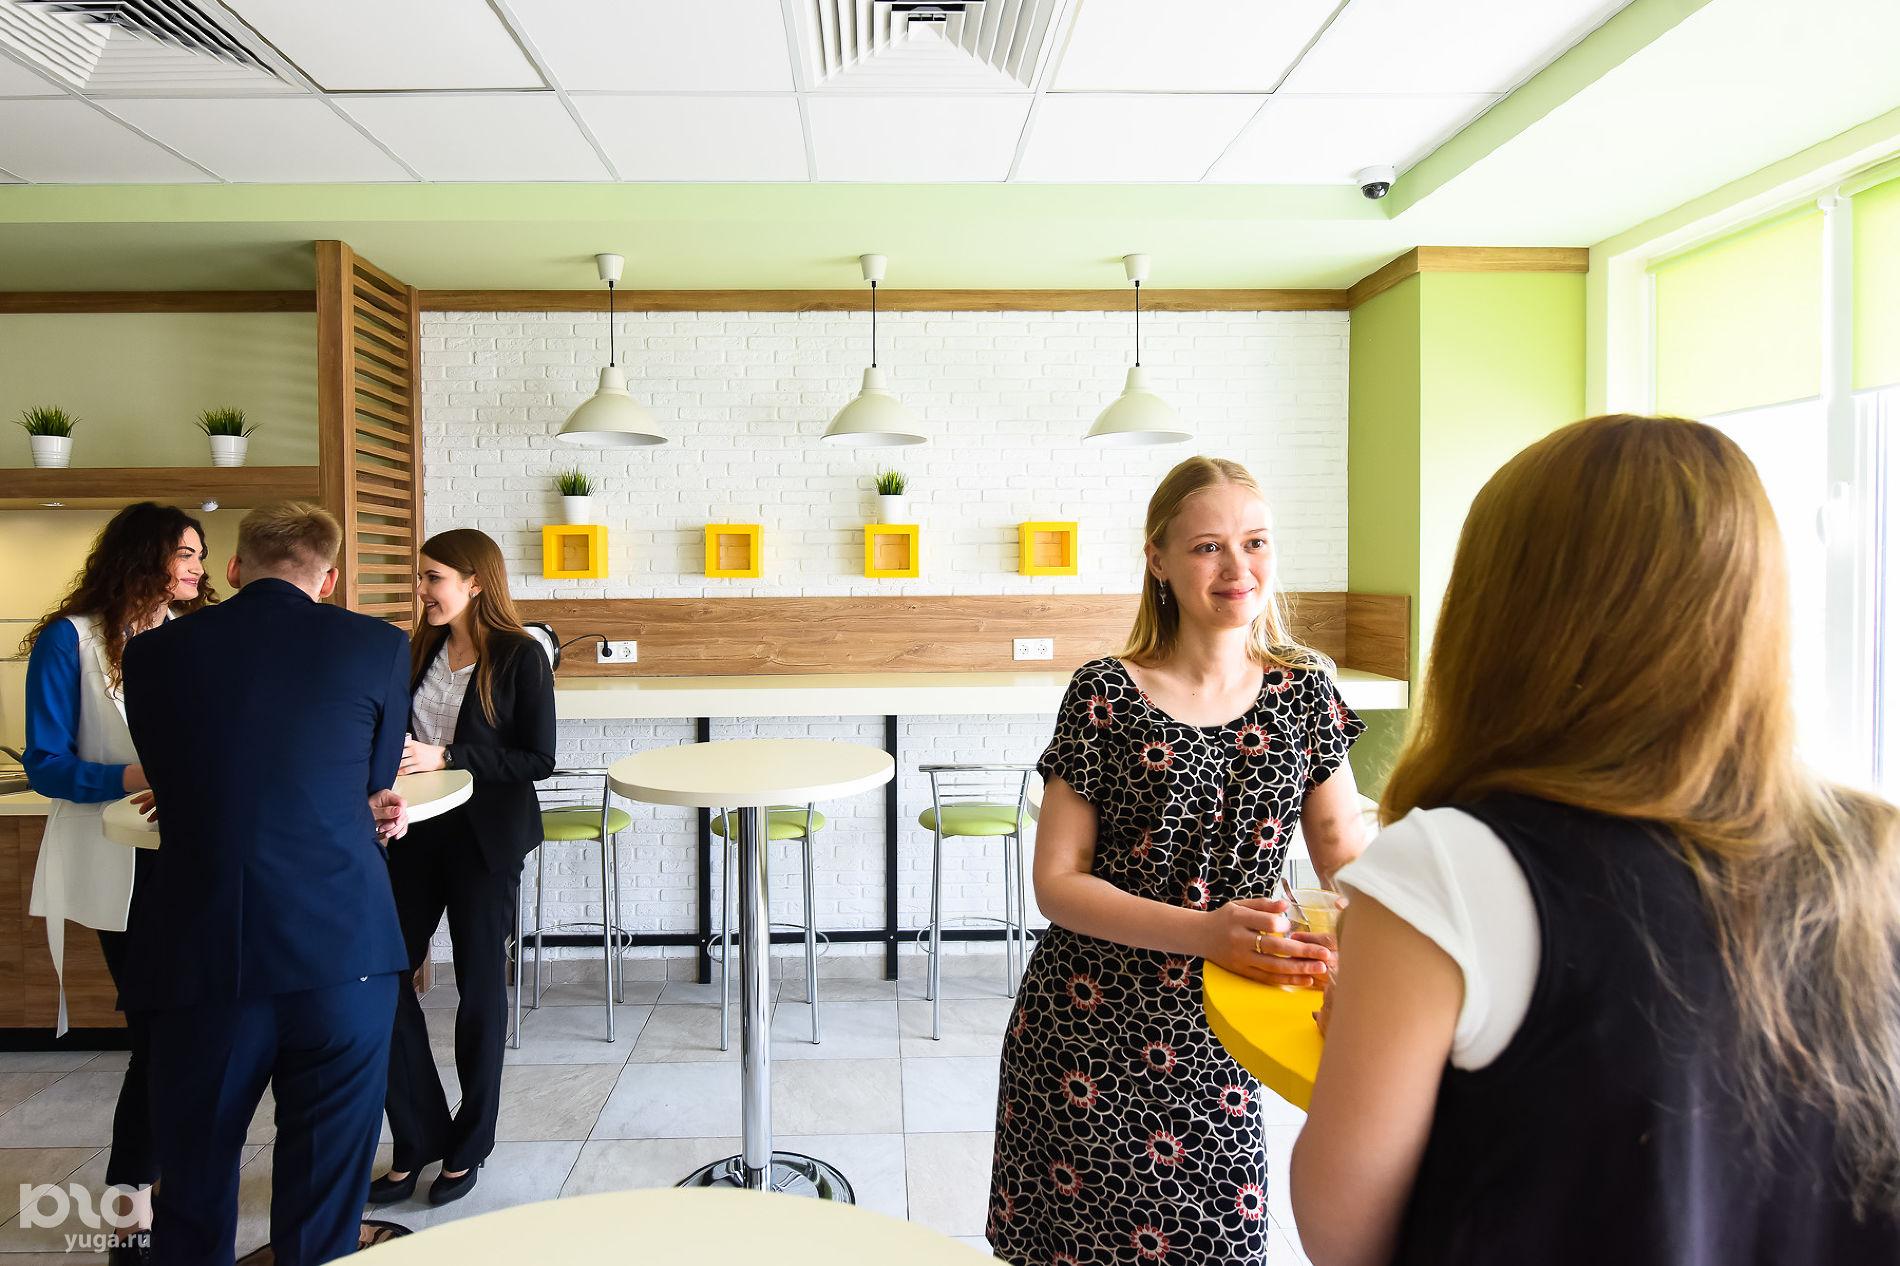 Головной офис компании «Магнит». Кофейни ©Фото Елены Синеок, Юга.ру